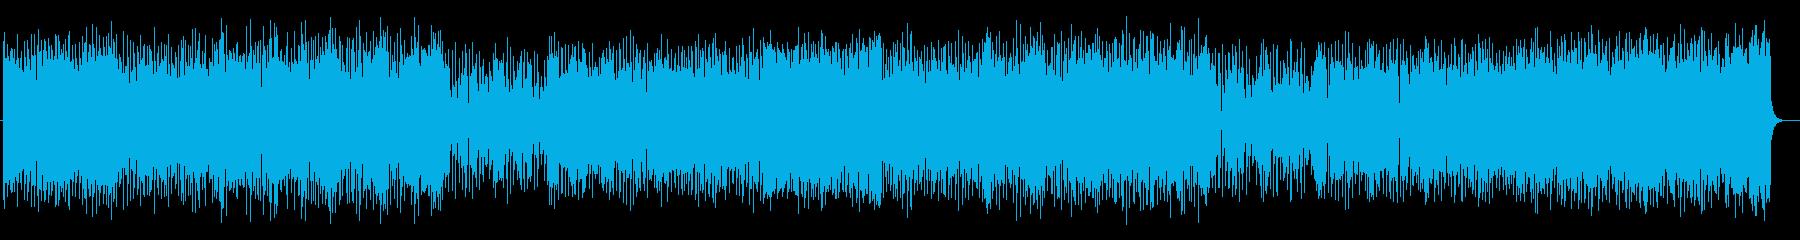 ノリノリでアップテンポダンスミュージックの再生済みの波形